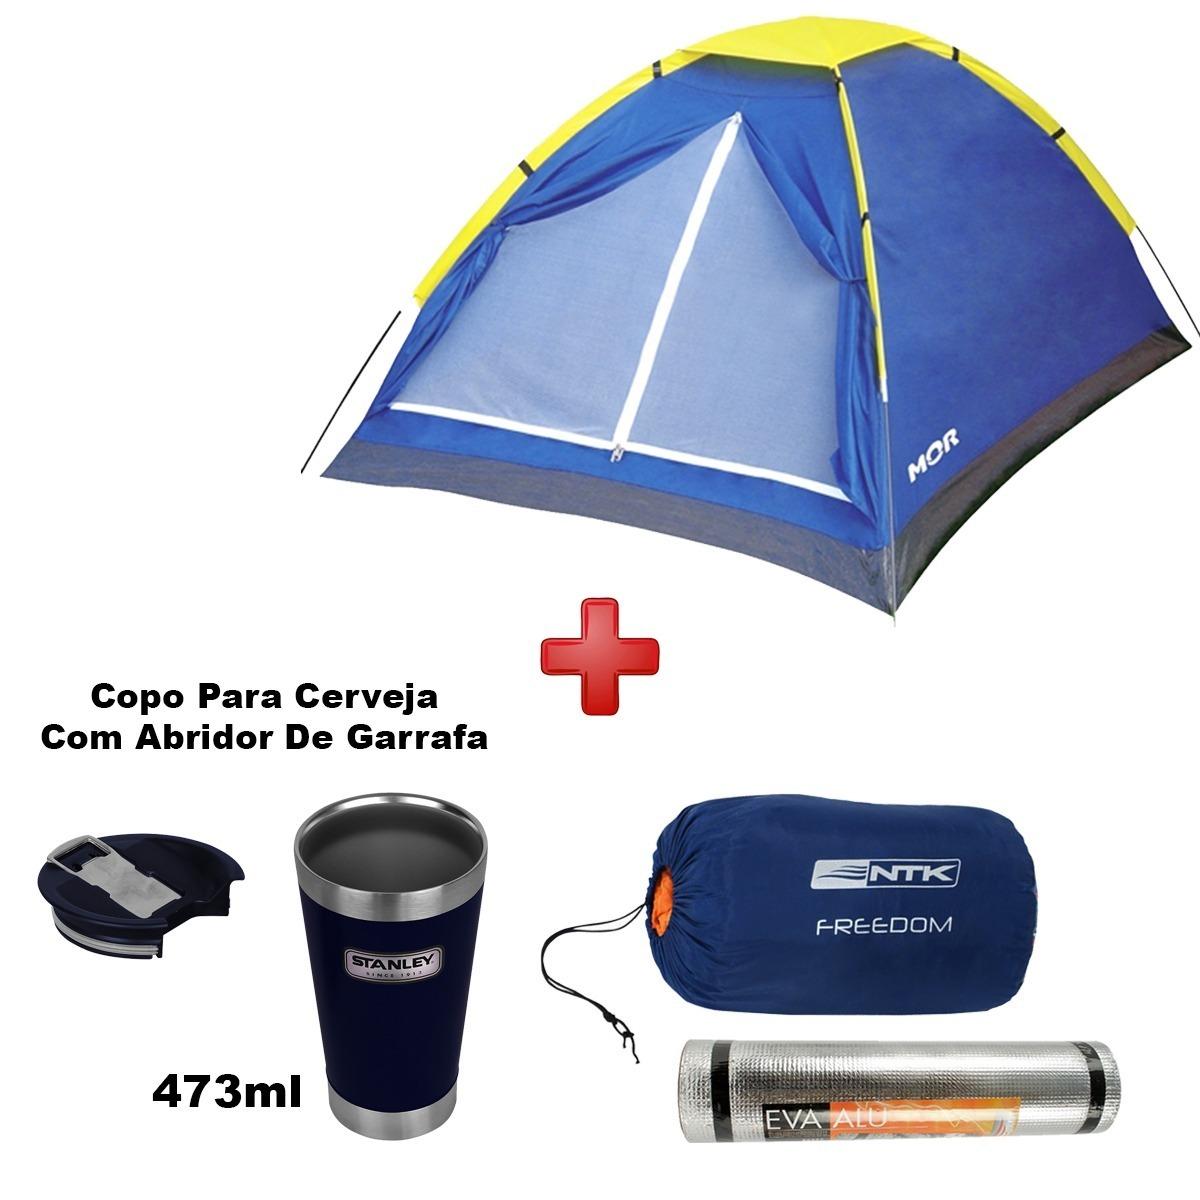 3601cfde5 kit barraca camping 2p + saco de dormir + isolante + copo. Carregando zoom.